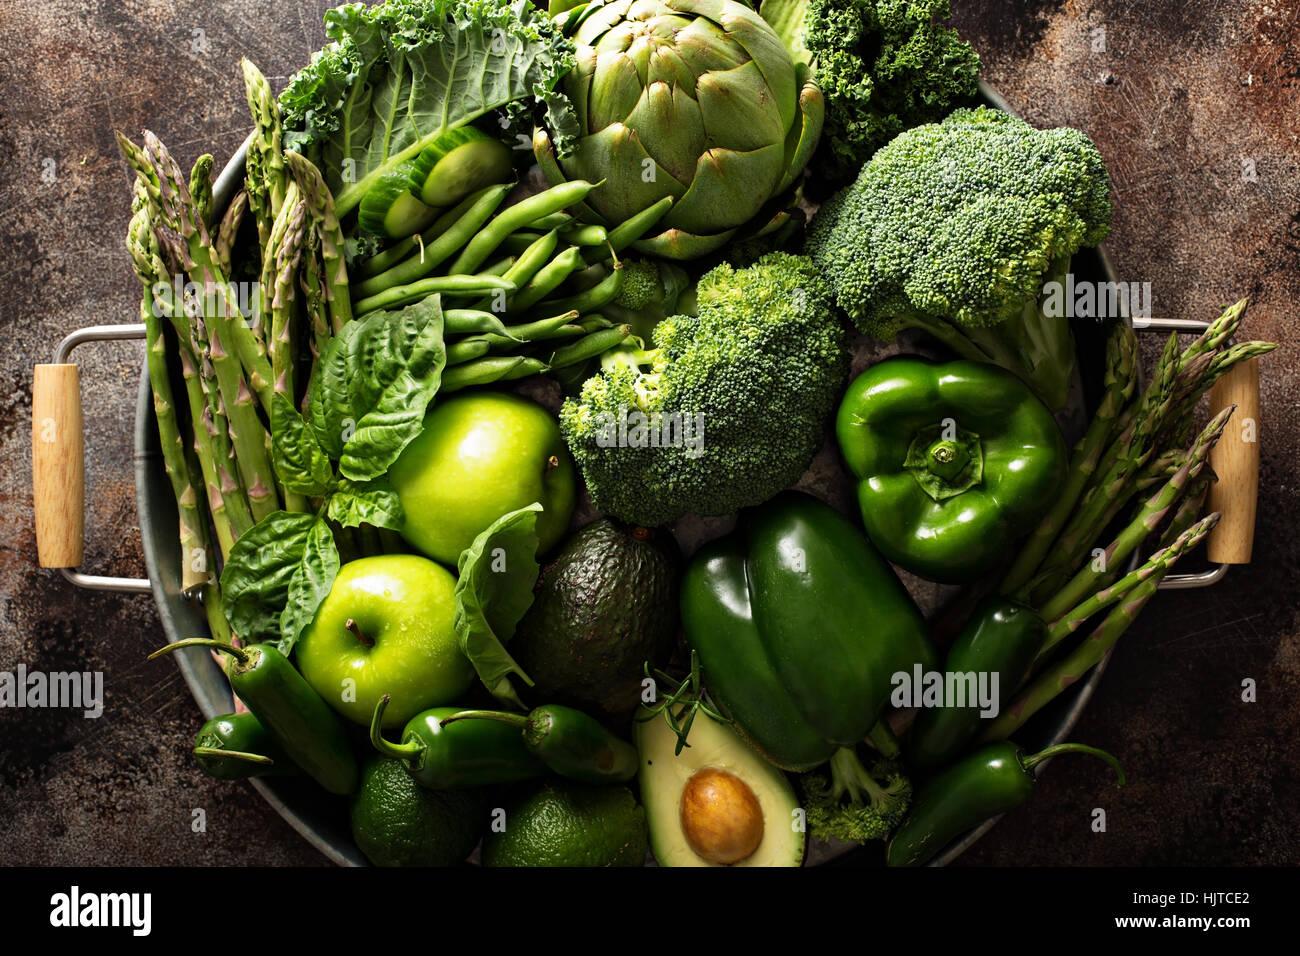 Vielzahl von grünem Gemüse und Obst Stockbild